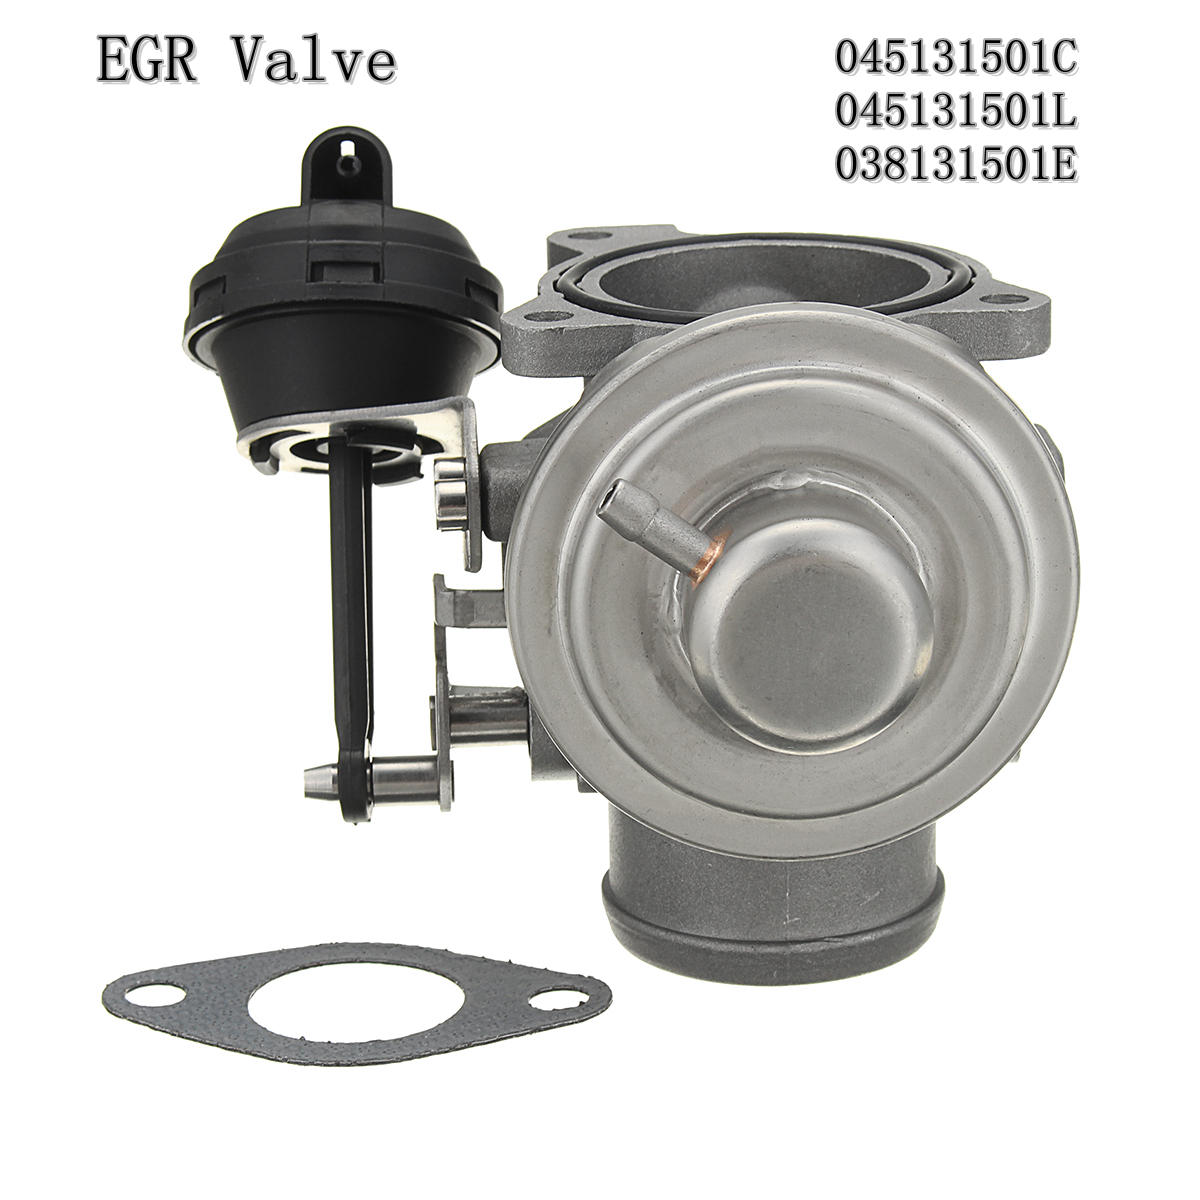 Клапан рециркуляции газа EGR выхлопной клапан для Volkswagen Golf IV Passat 1,9 TDi 1997-2006 045131501C 045131501L 038131501E